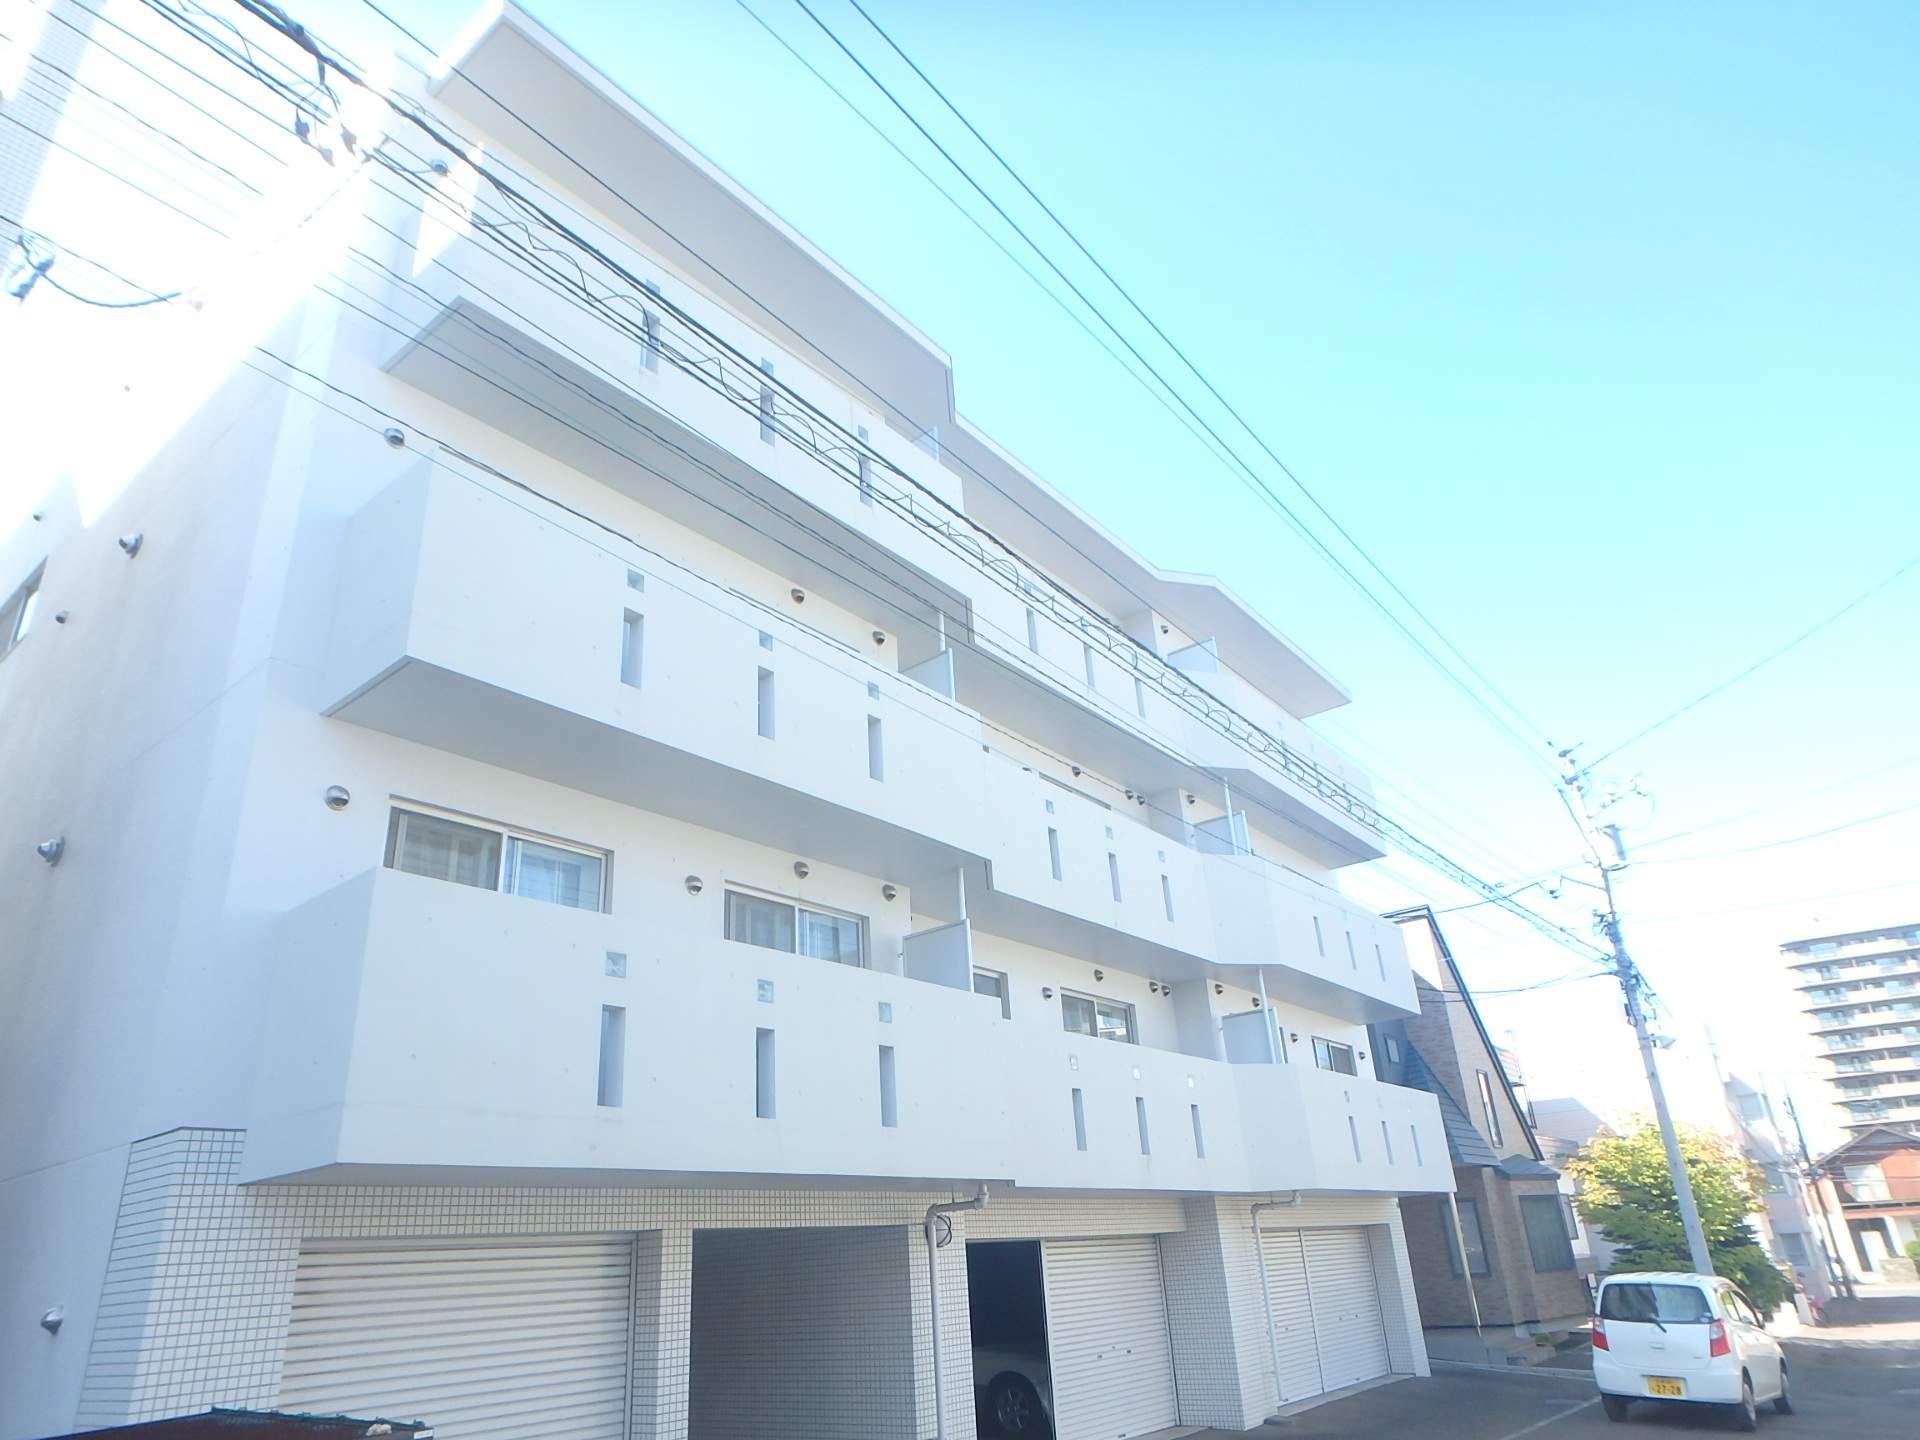 北海道札幌市中央区、二十四軒駅徒歩18分の築11年 4階建の賃貸マンション